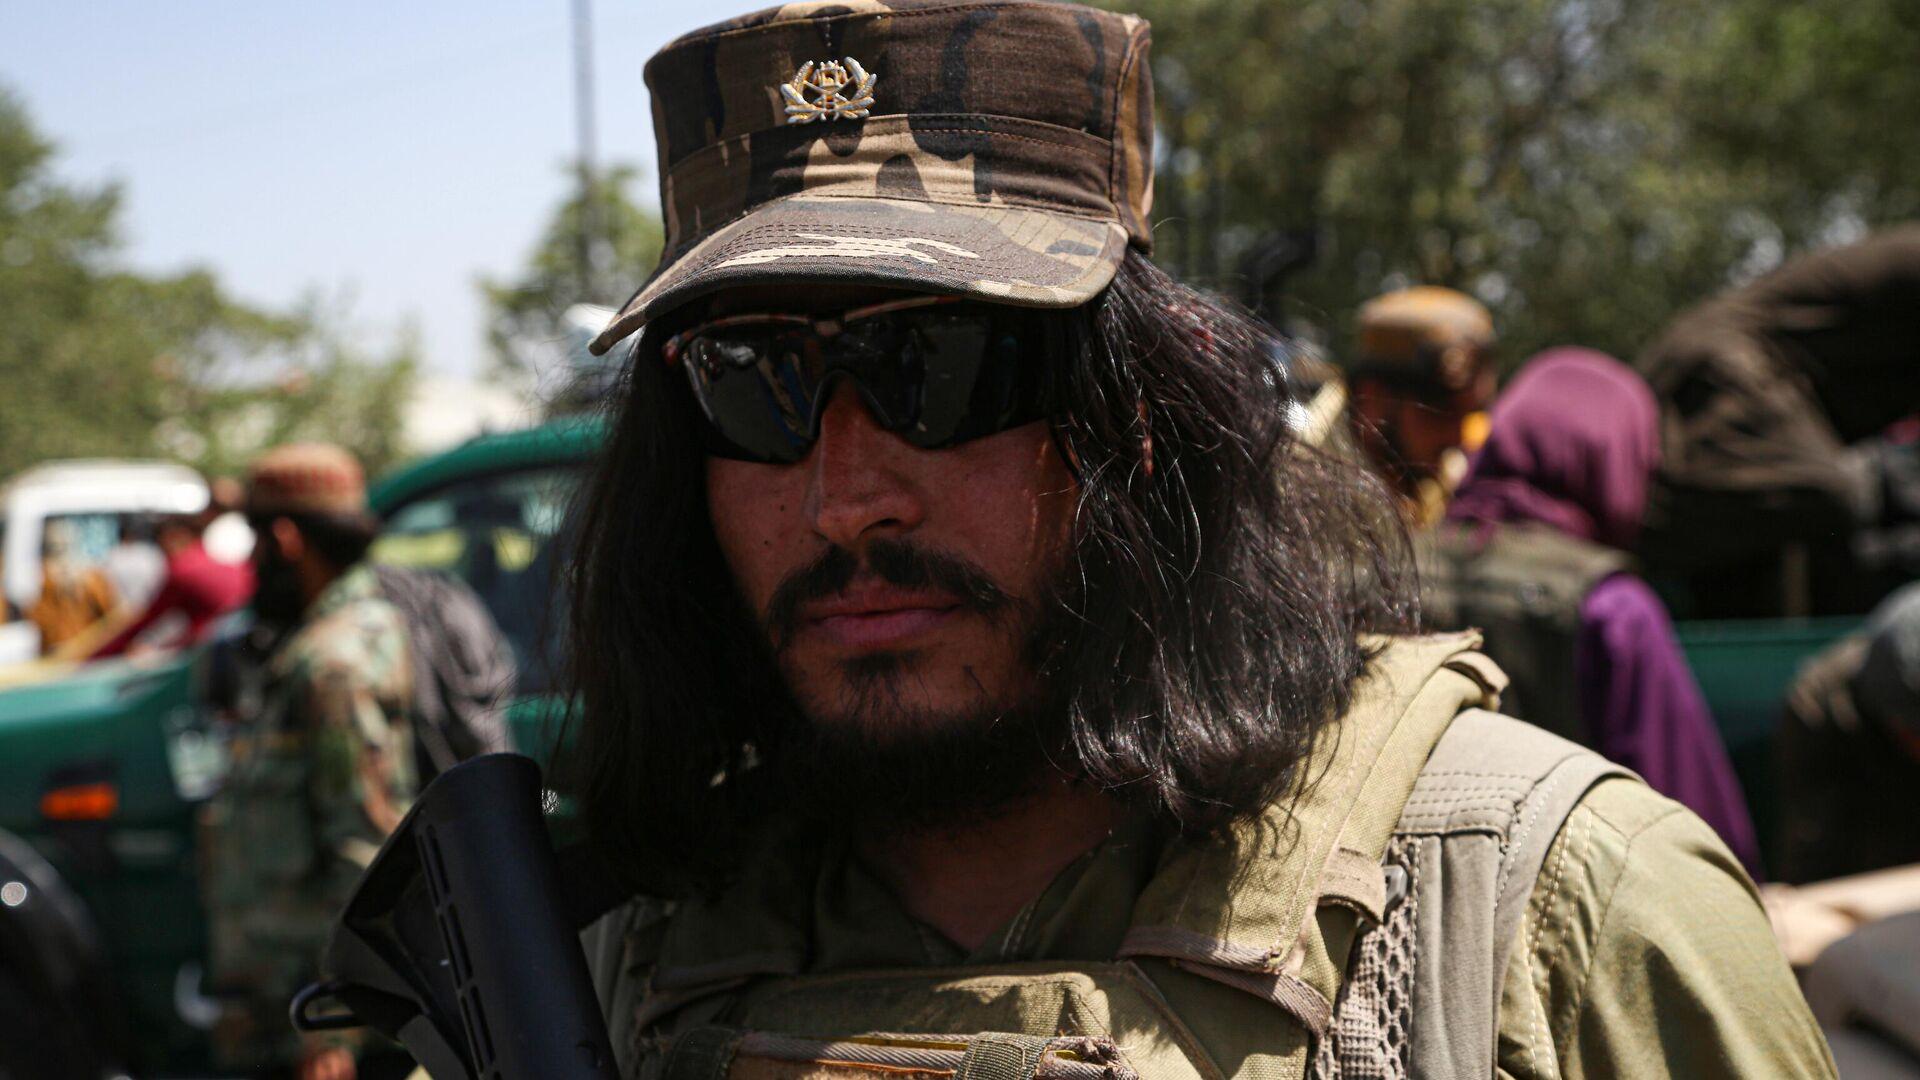 Боевик движения Талибан (террористическая организация, запрещена в России) в Кабуле - РИА Новости, 1920, 11.10.2021